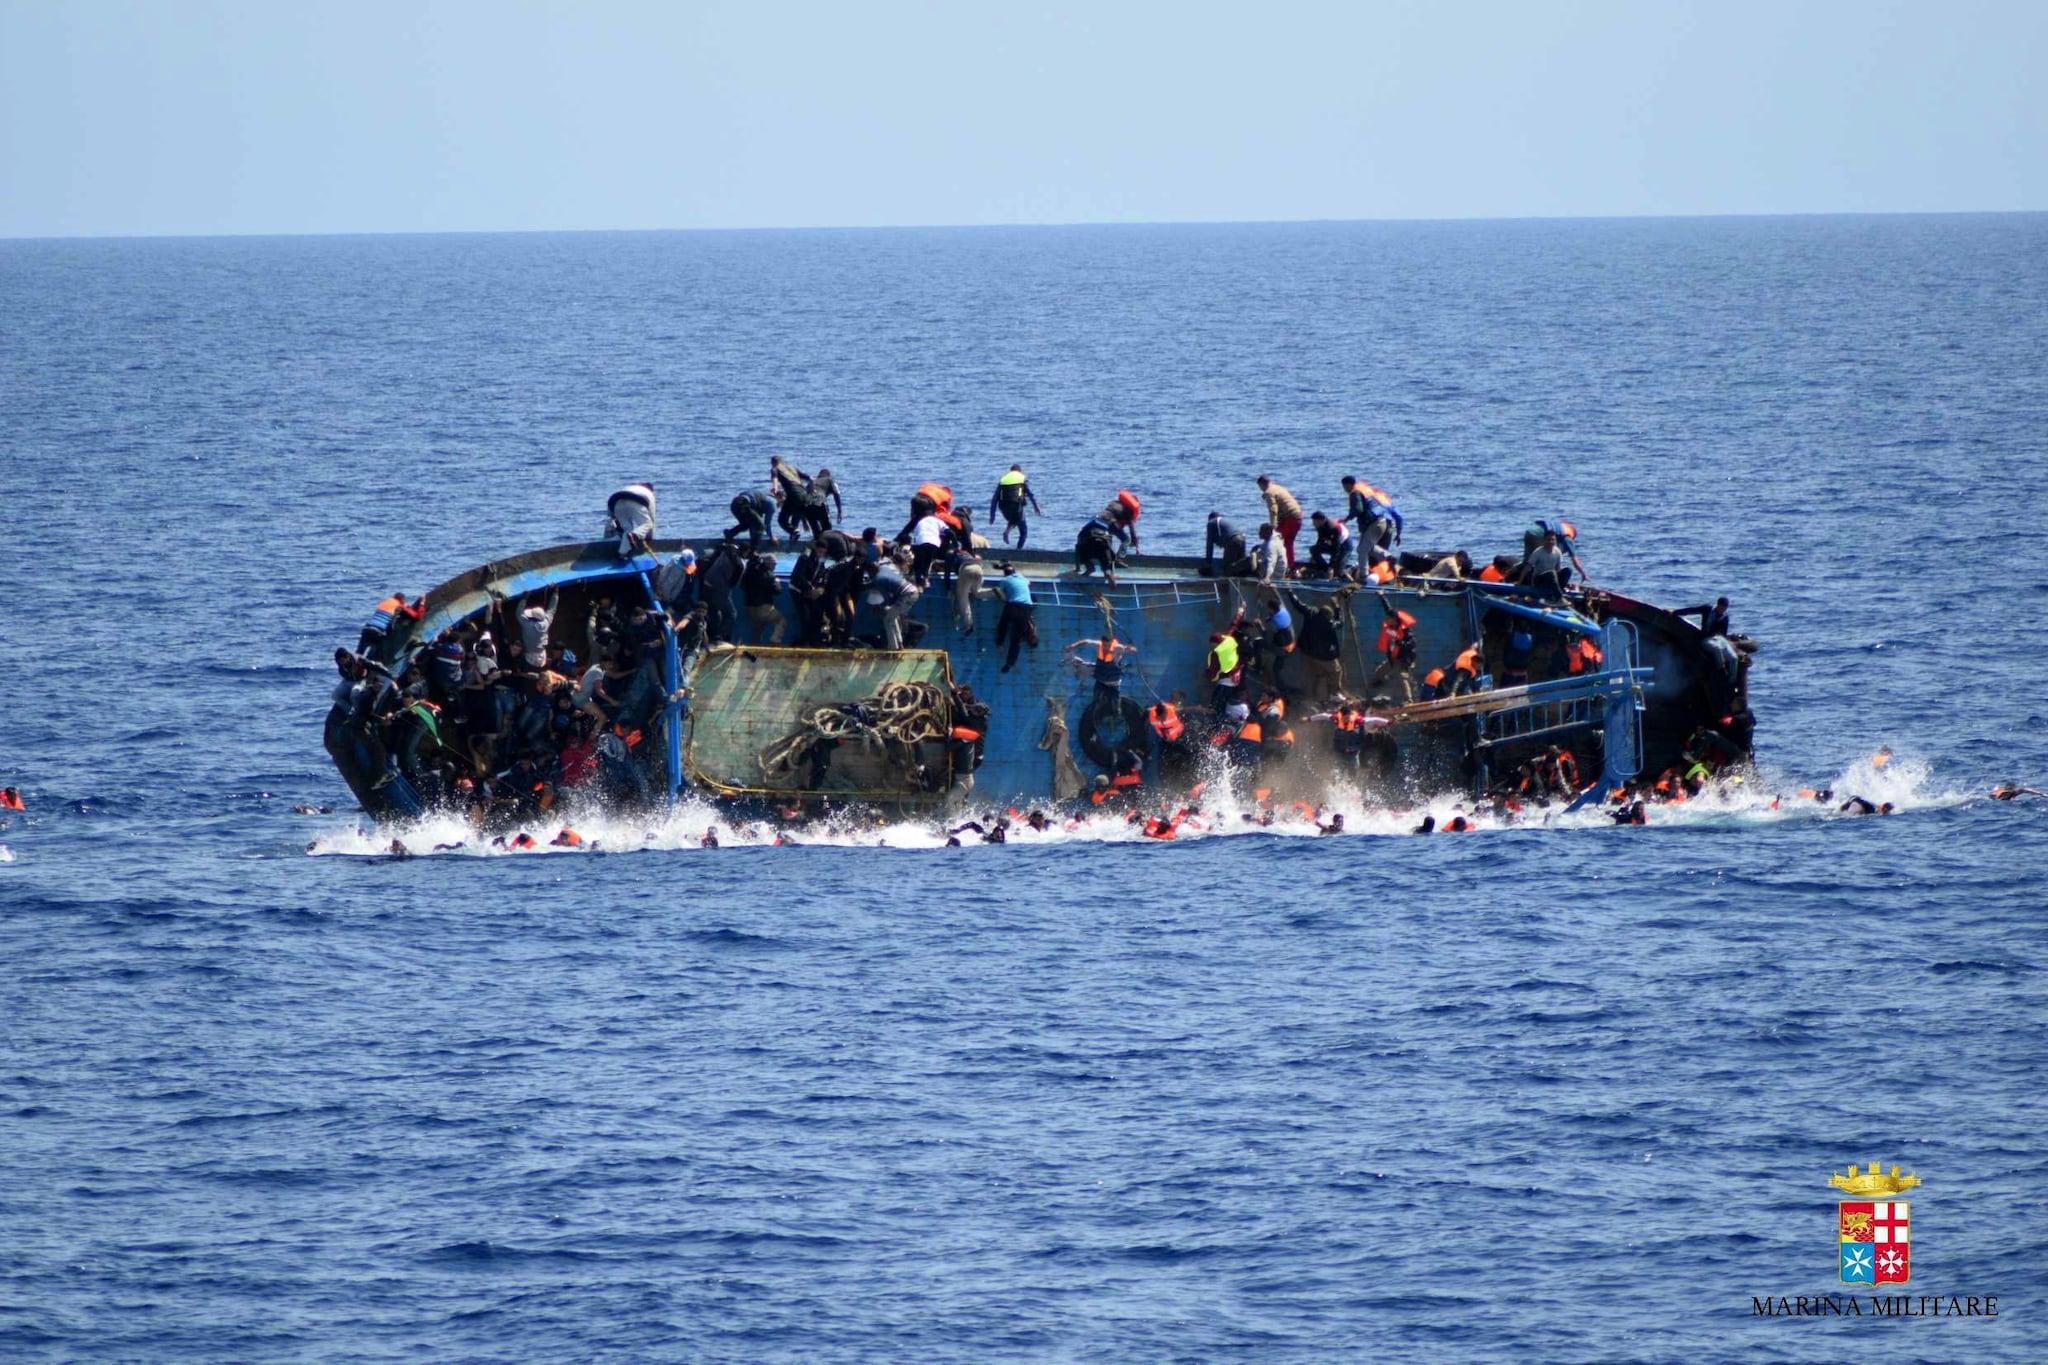 Naufragio al largo delle coste libiche